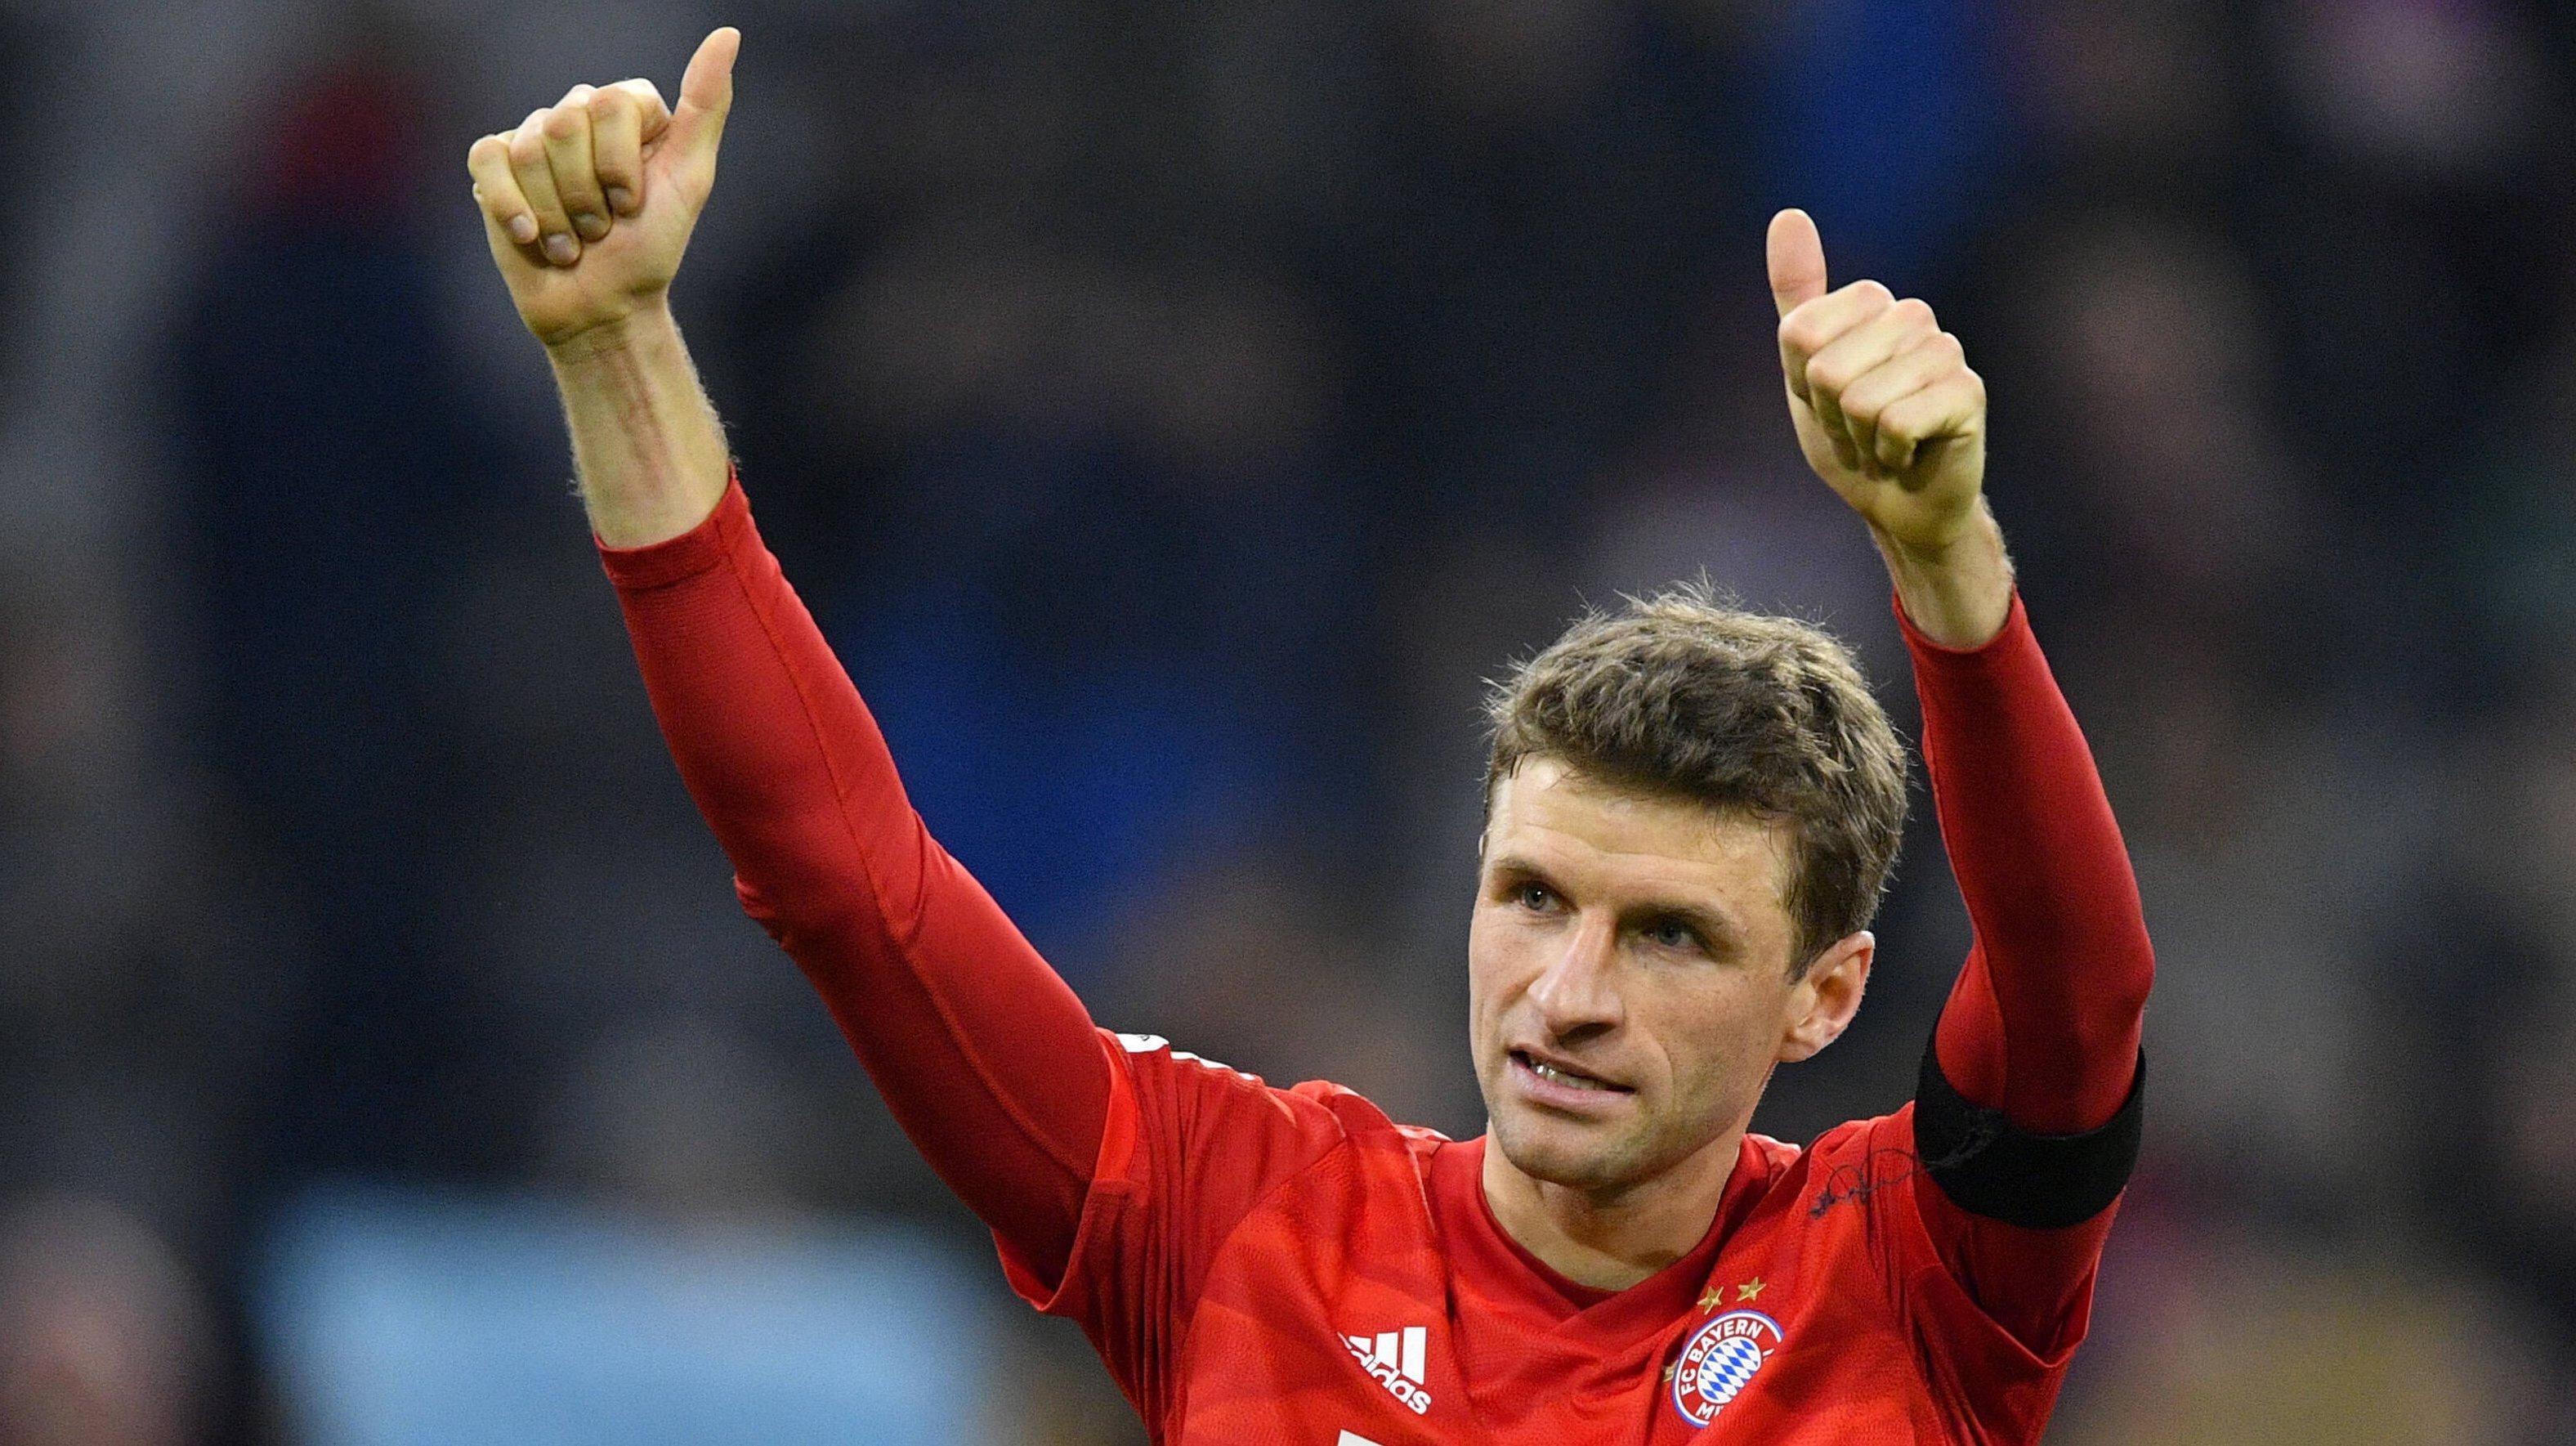 """Müller: """"Bin nicht auf FC Bayern fixiert"""" – Unter Vereinstreuesten Europas"""